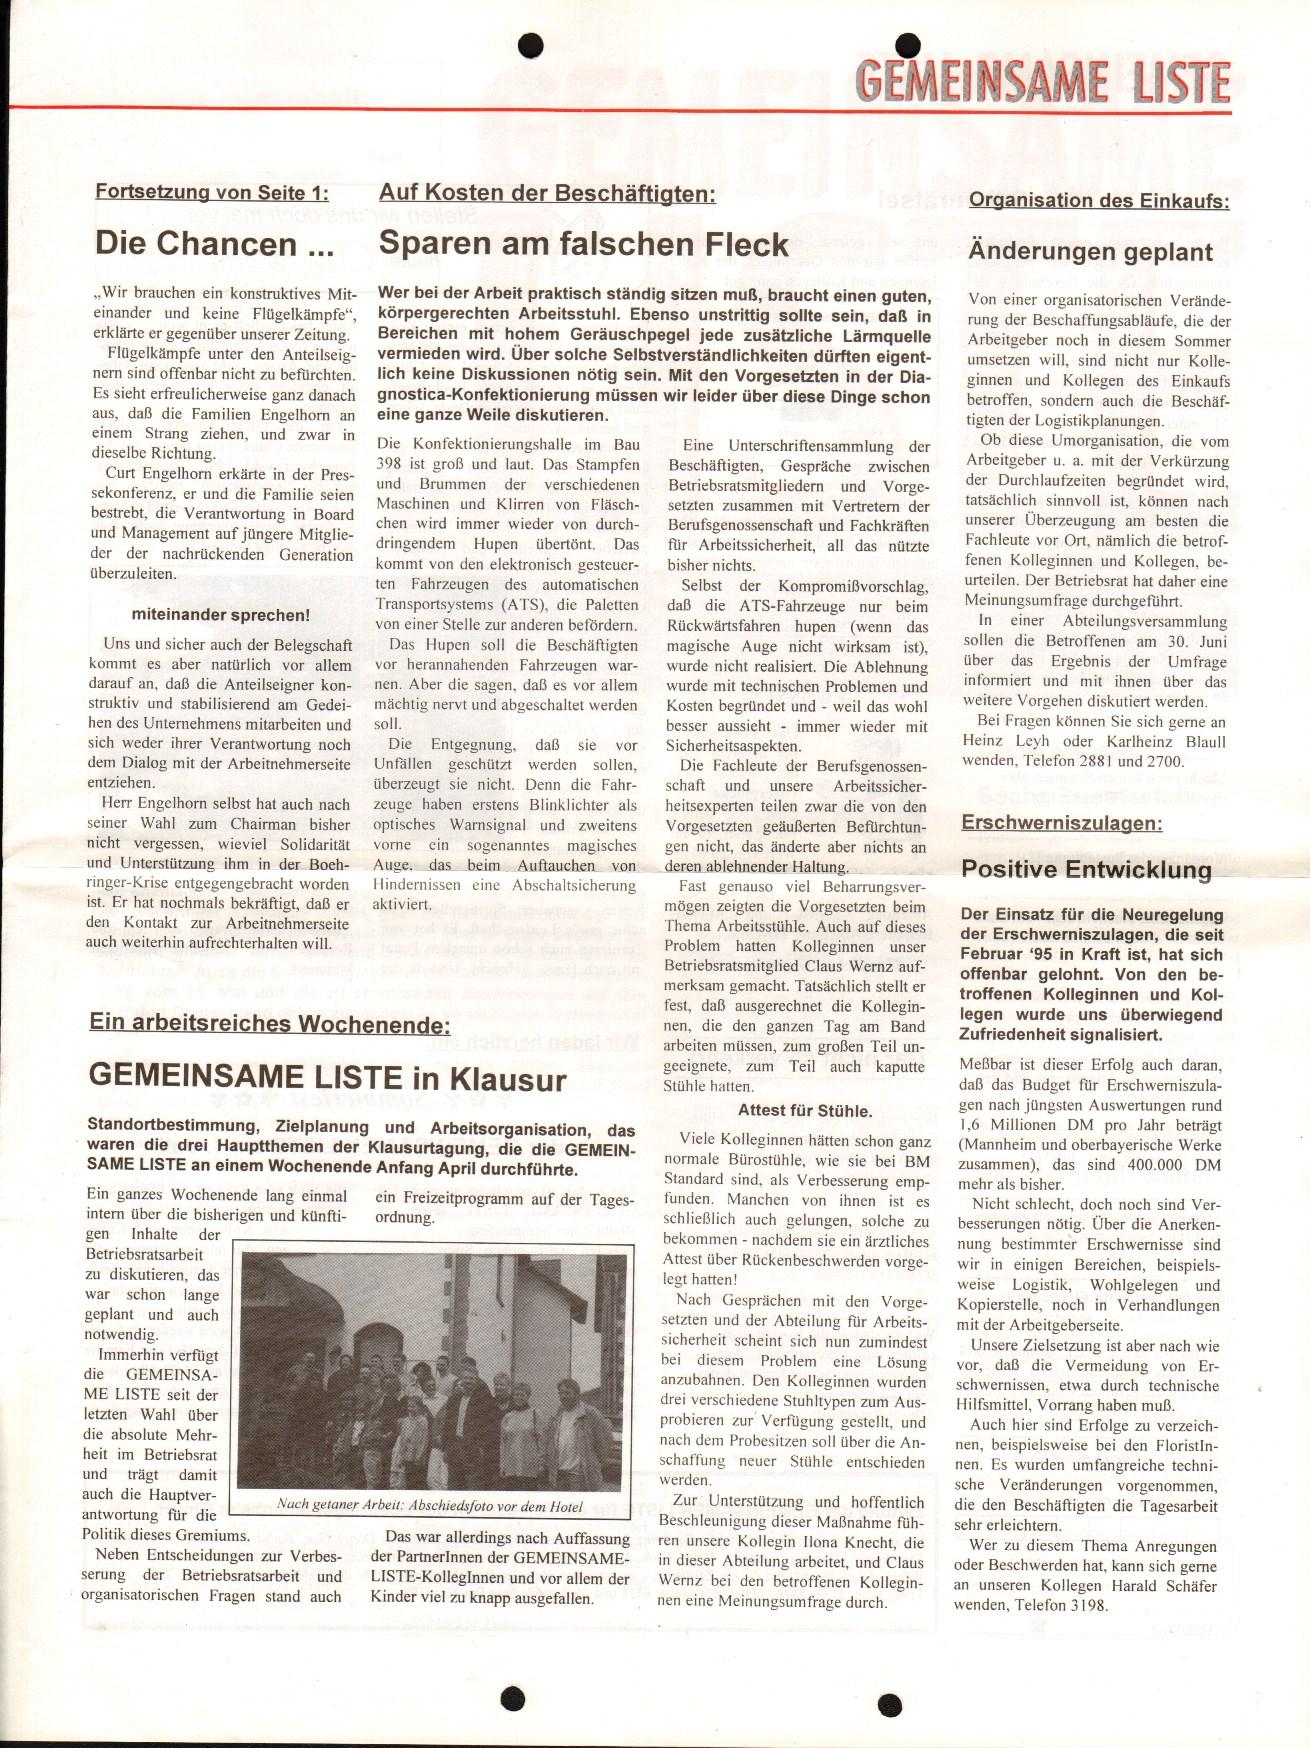 Mannheim_Boehringer_Gemeinsame_Liste_1995_02_03